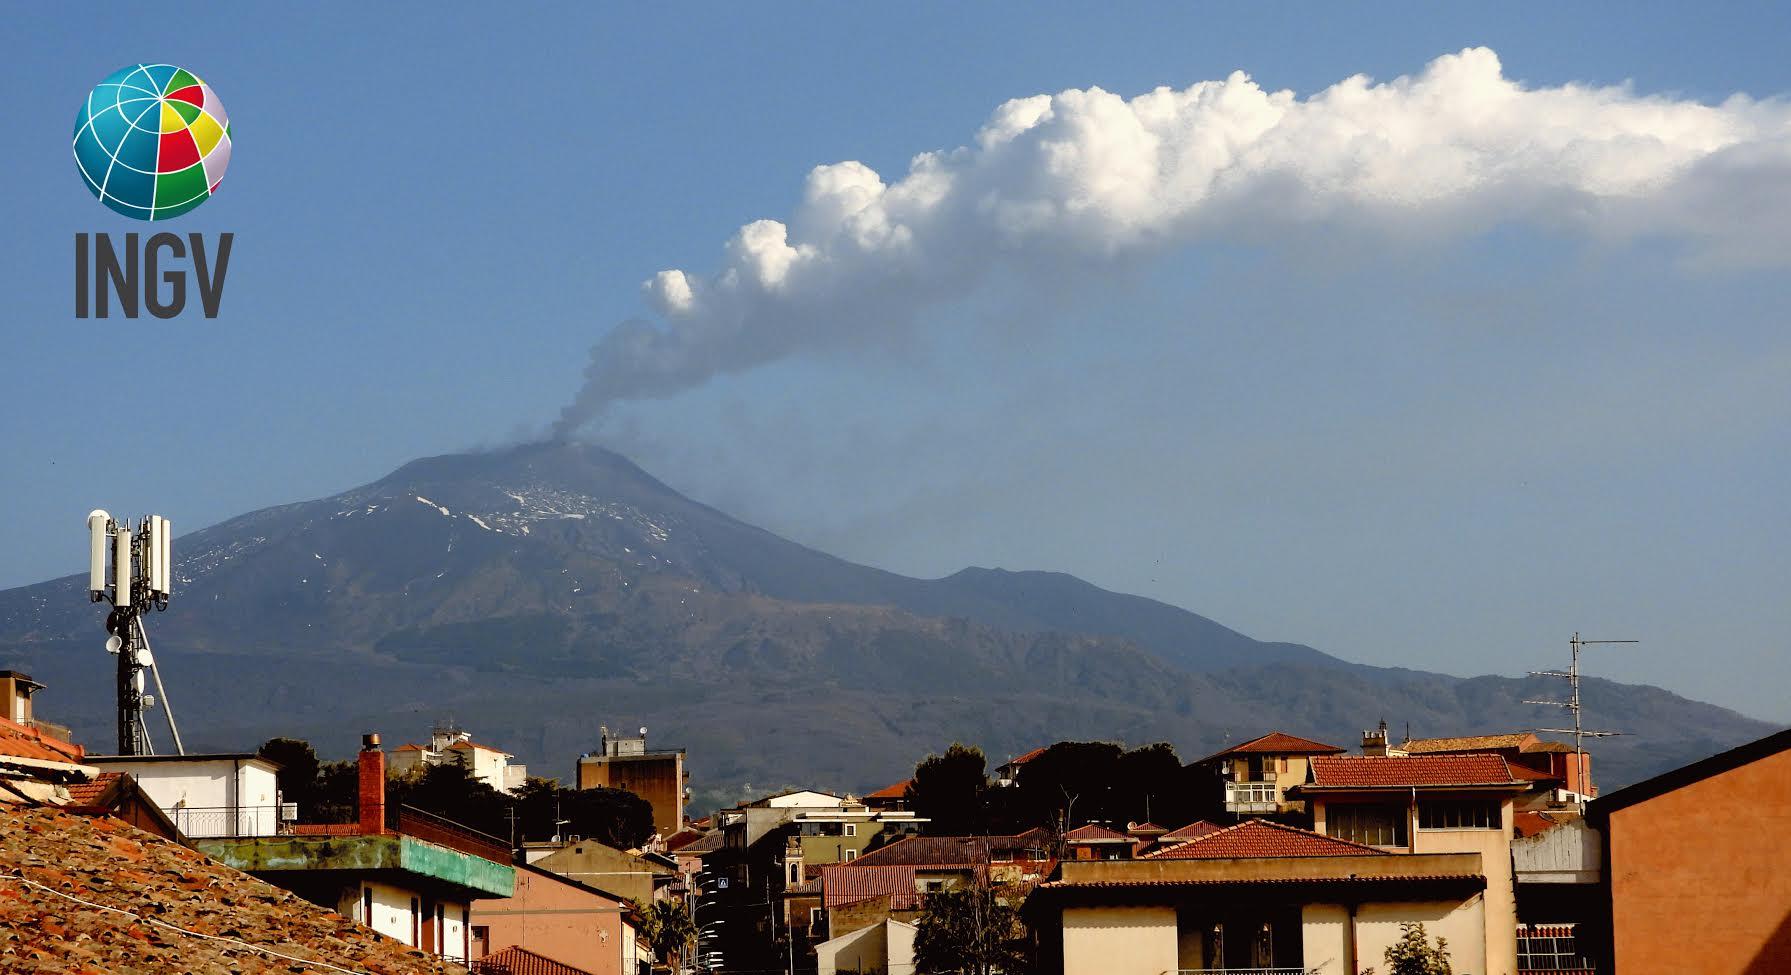 Si risveglia l'Etna, nube alta fino a 5 km, cenere e modeste colate di lava